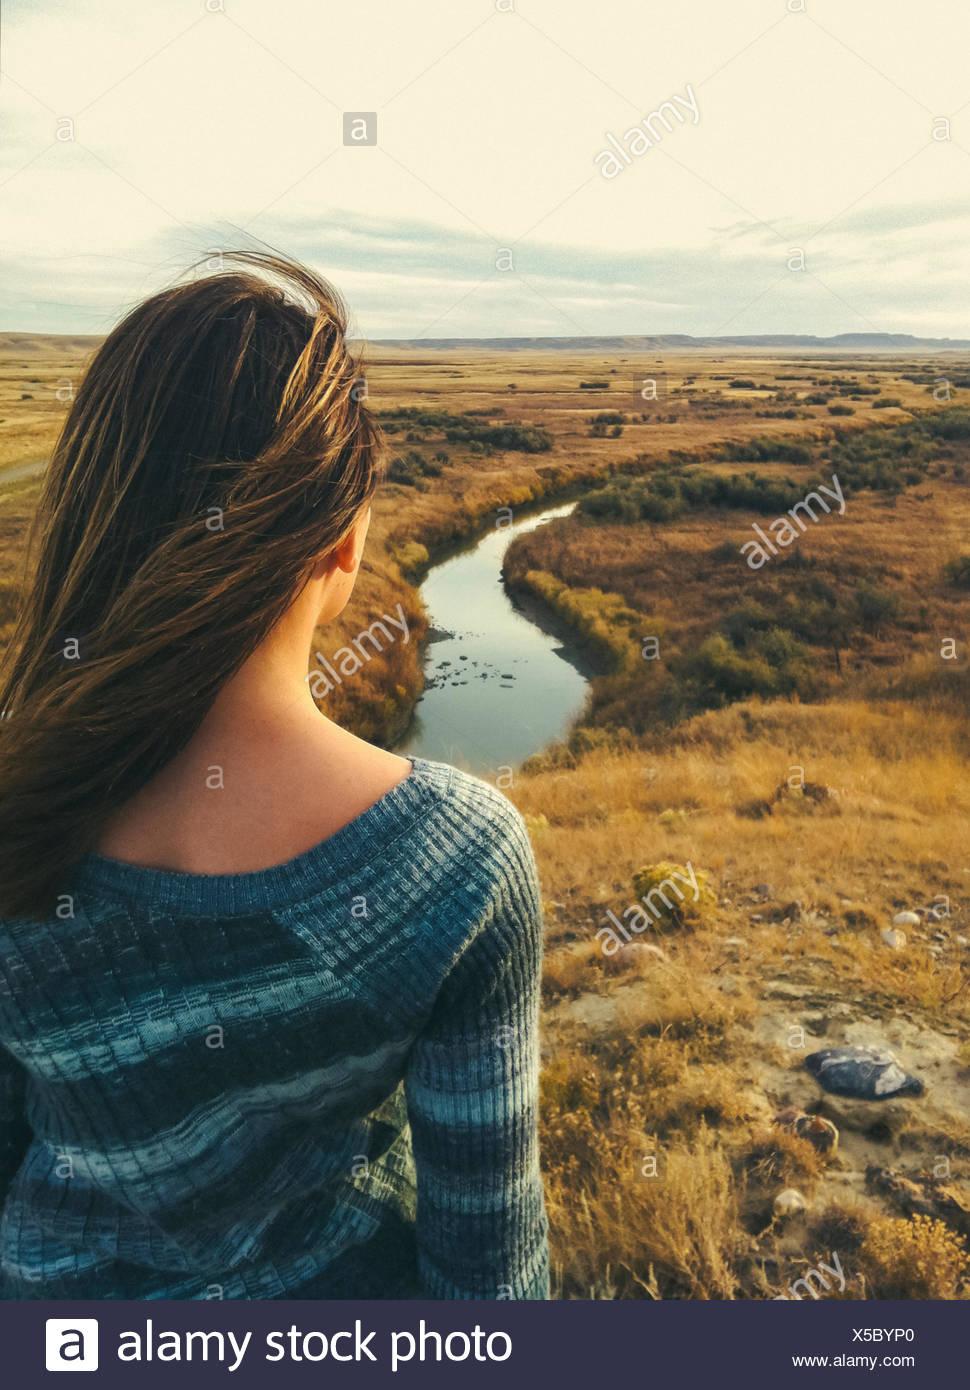 Canada, Saskatchewan, Val Marie, vista posteriore della donna che si affaccia su Prairie e vista sul fiume in autunno Immagini Stock